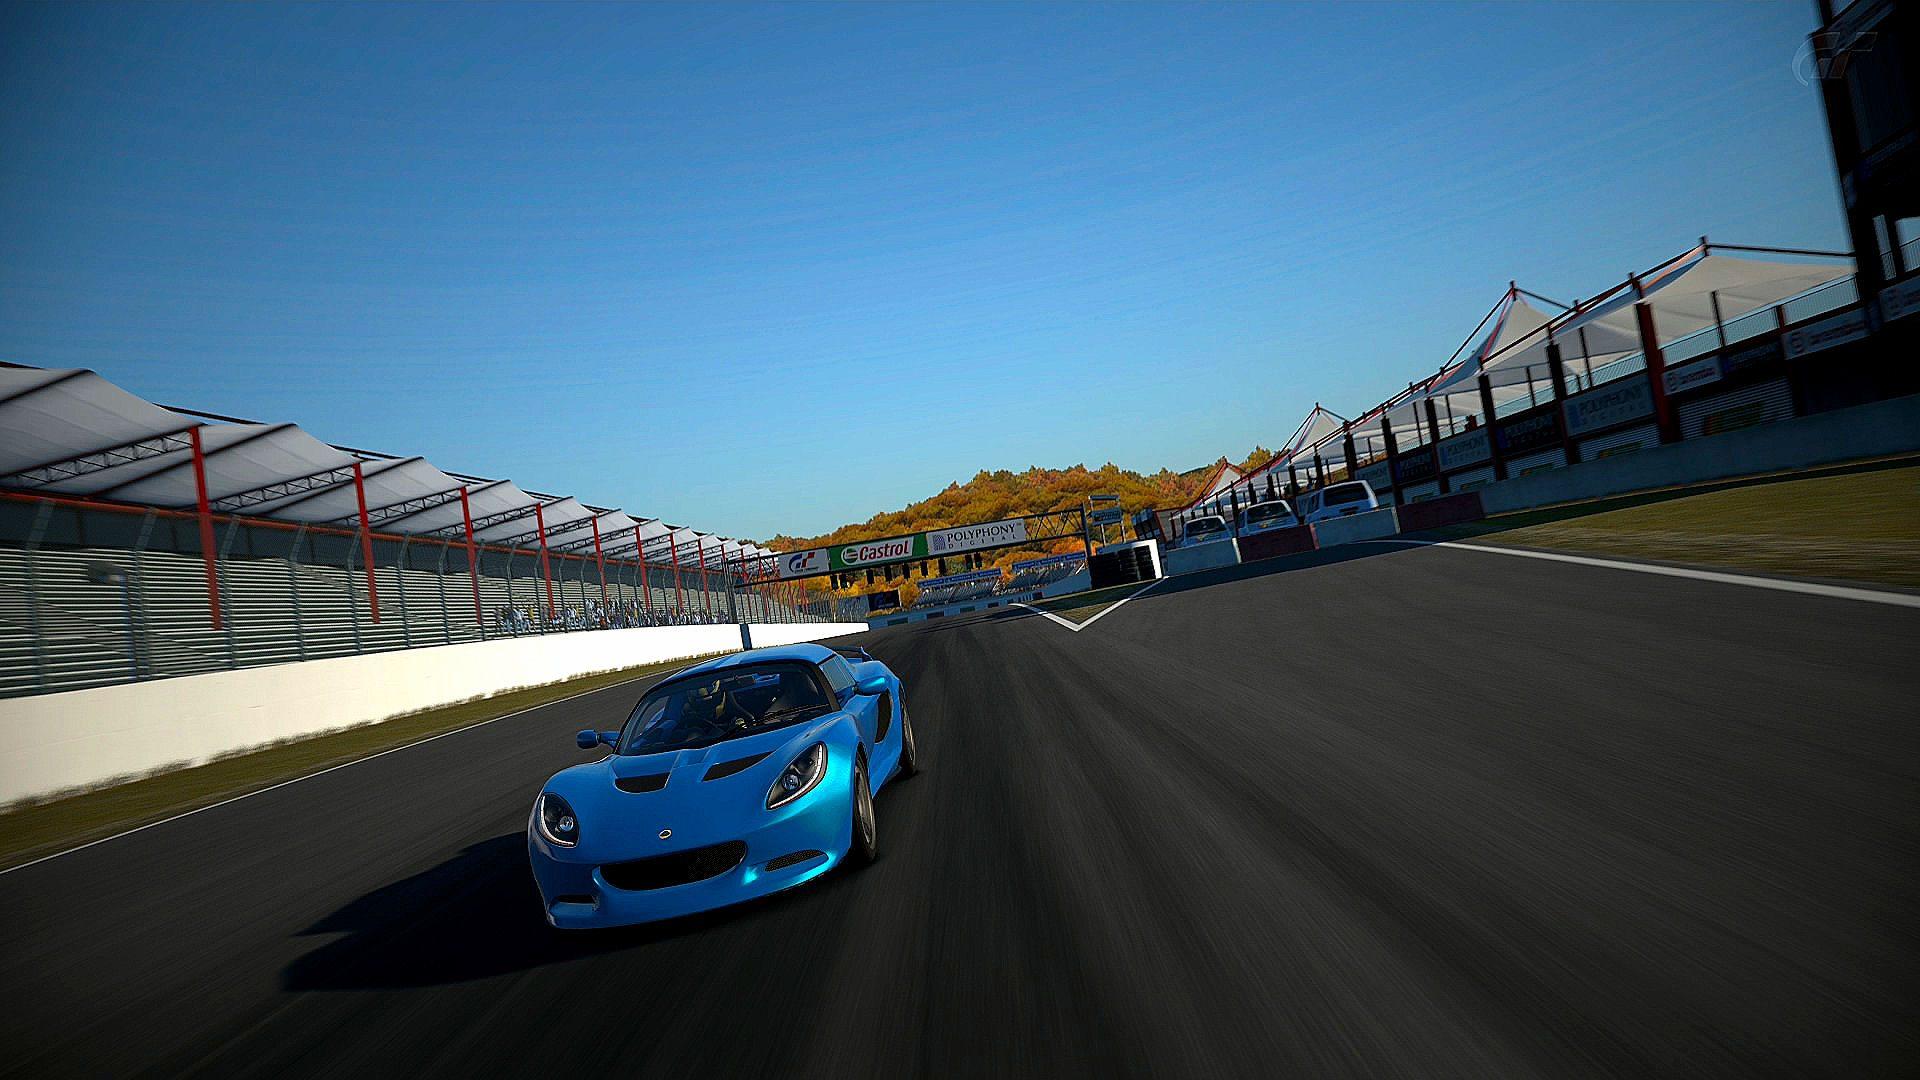 Lotus Exige S Replica - Autumn Ring_1.jpg